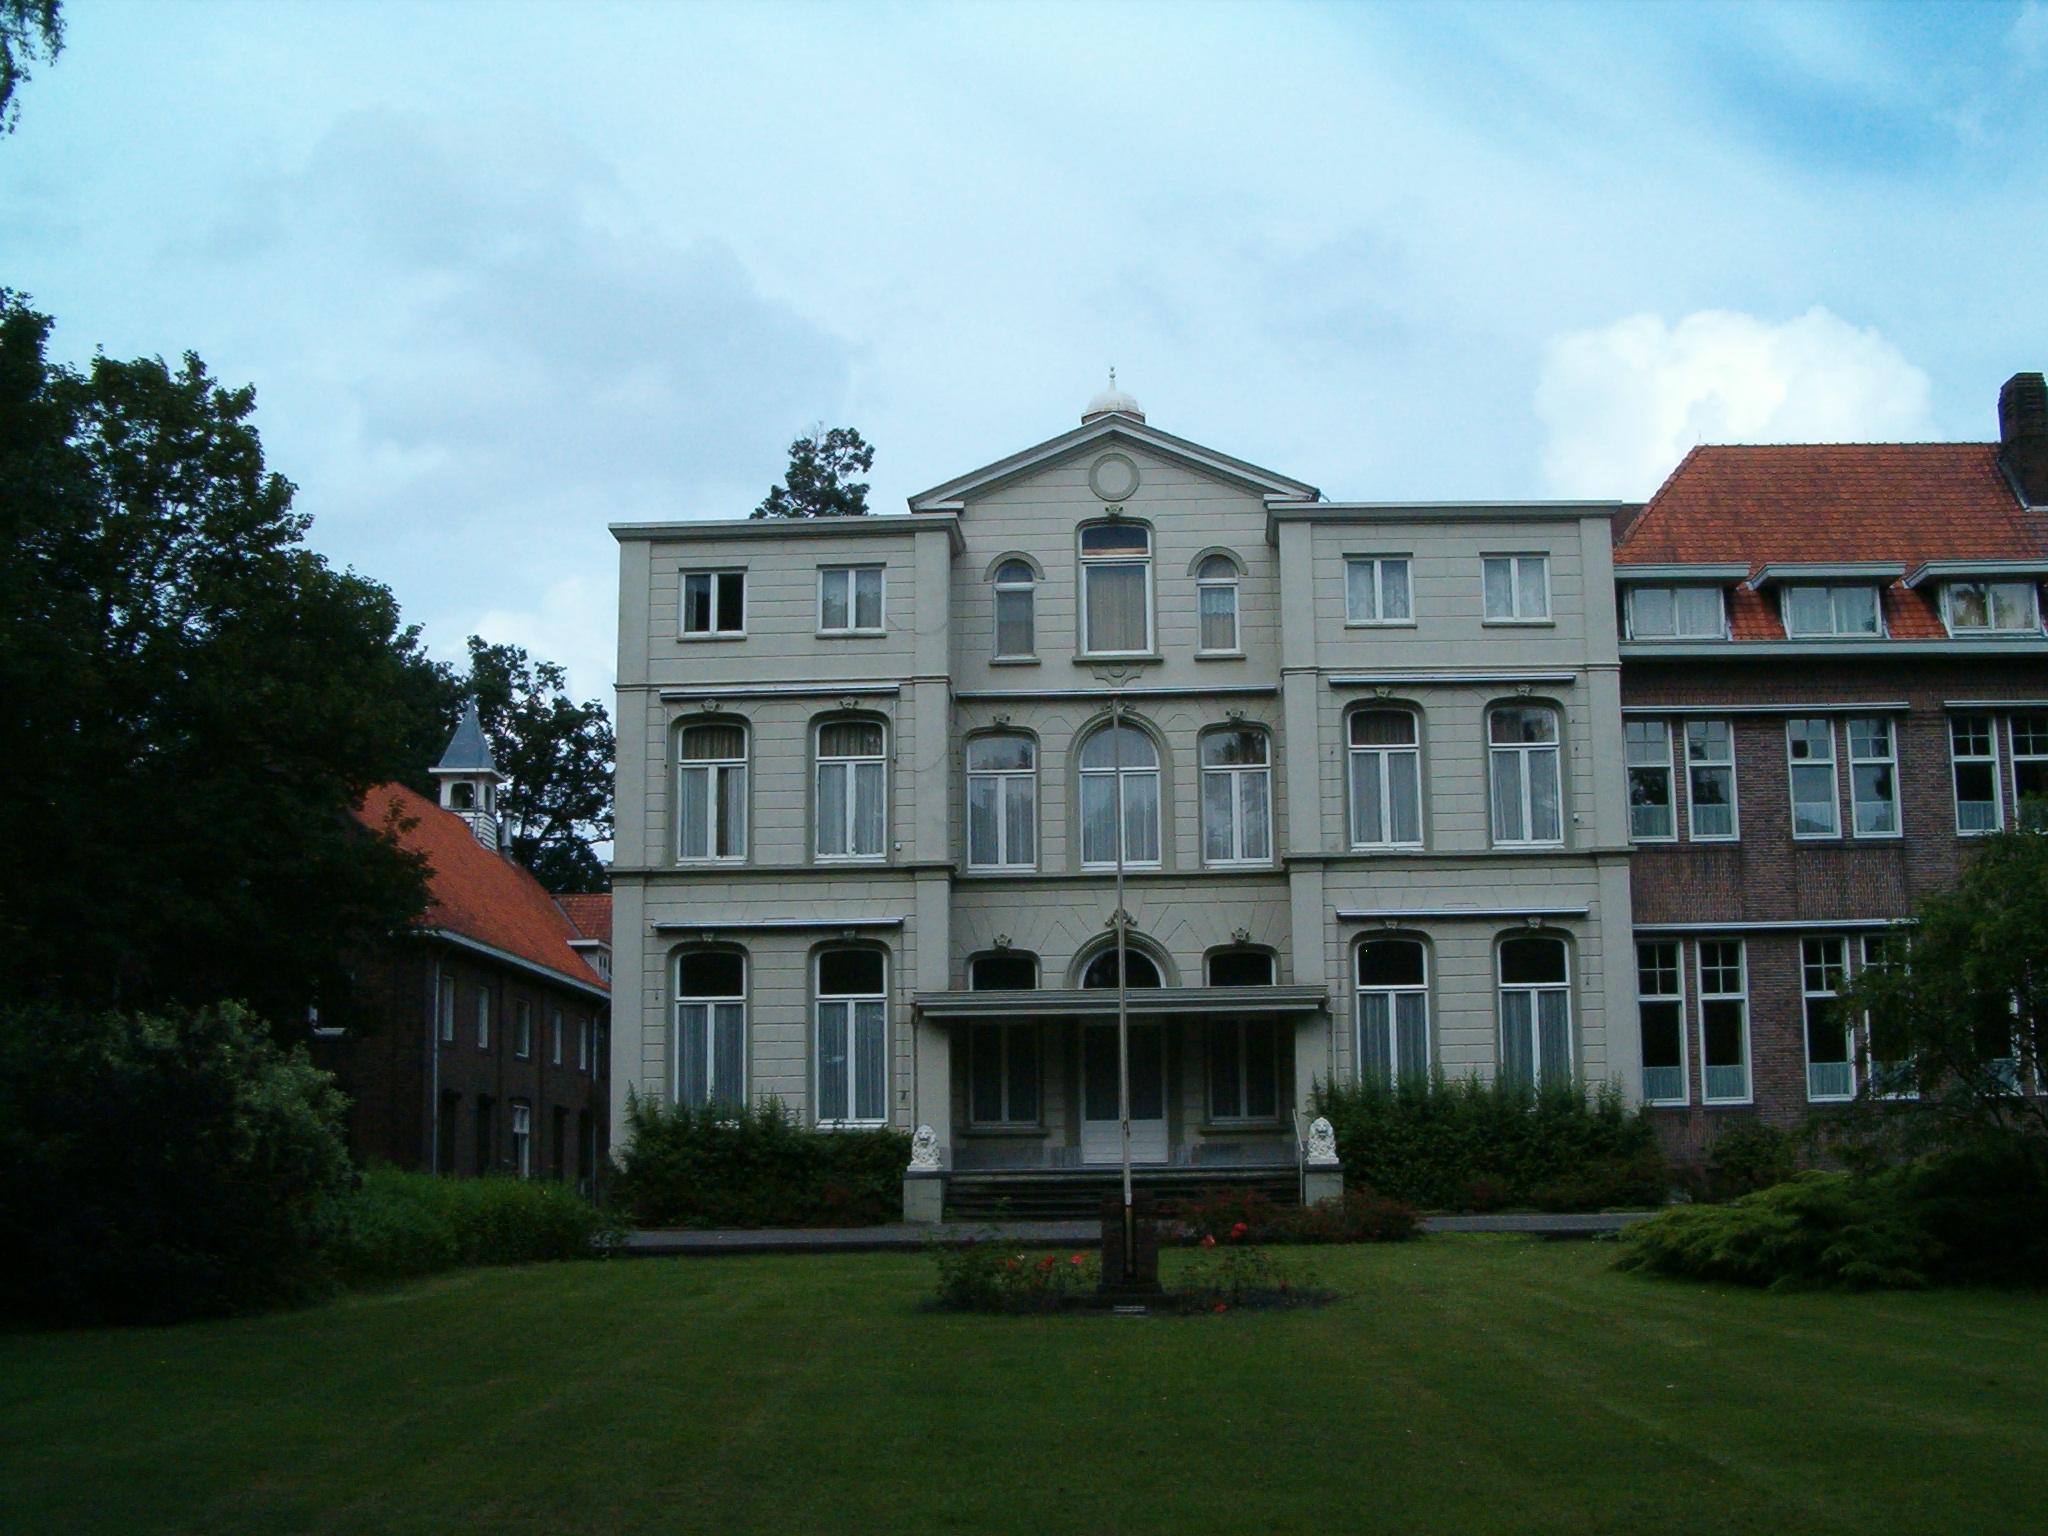 Landhuis Nieuw IJpelaar. De derde bouwlaag aan weerszijde van het middenrisaliet, dateert ui 1955.